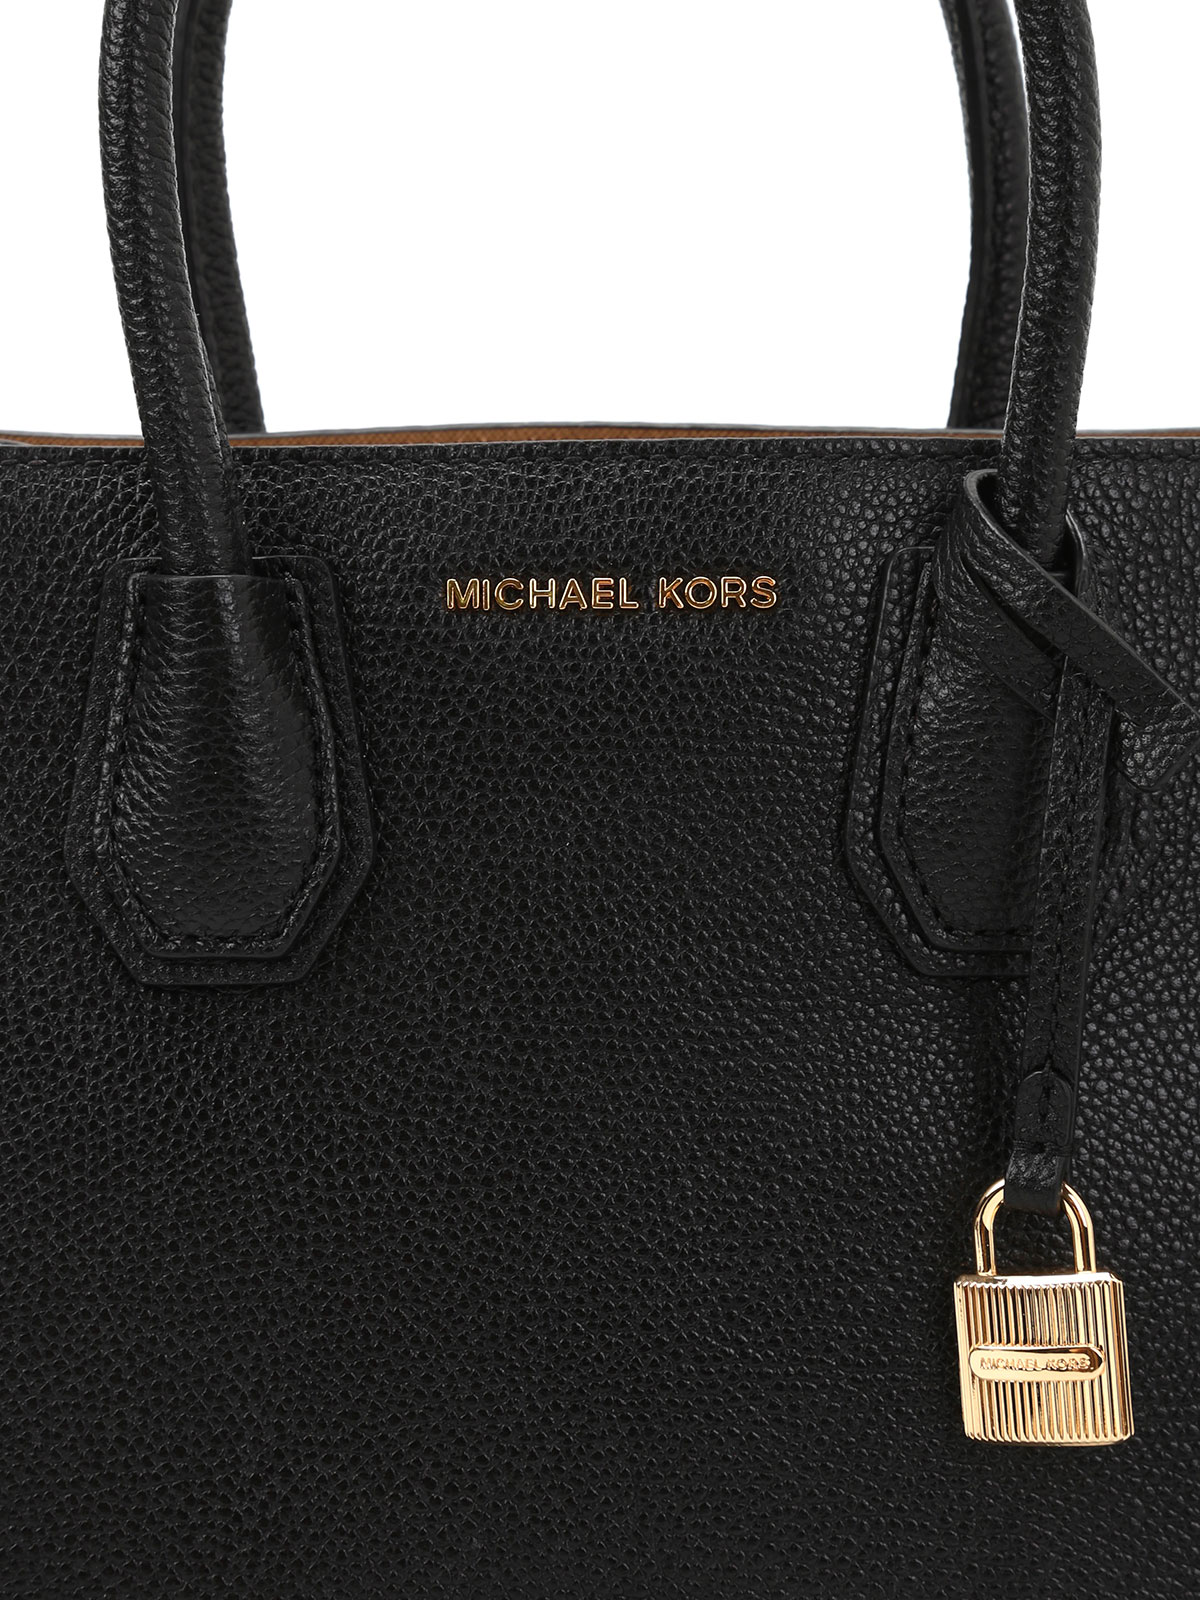 432aab27bf0f ... czech mercer medium cross body bag shop online michael kors 11359 7663f